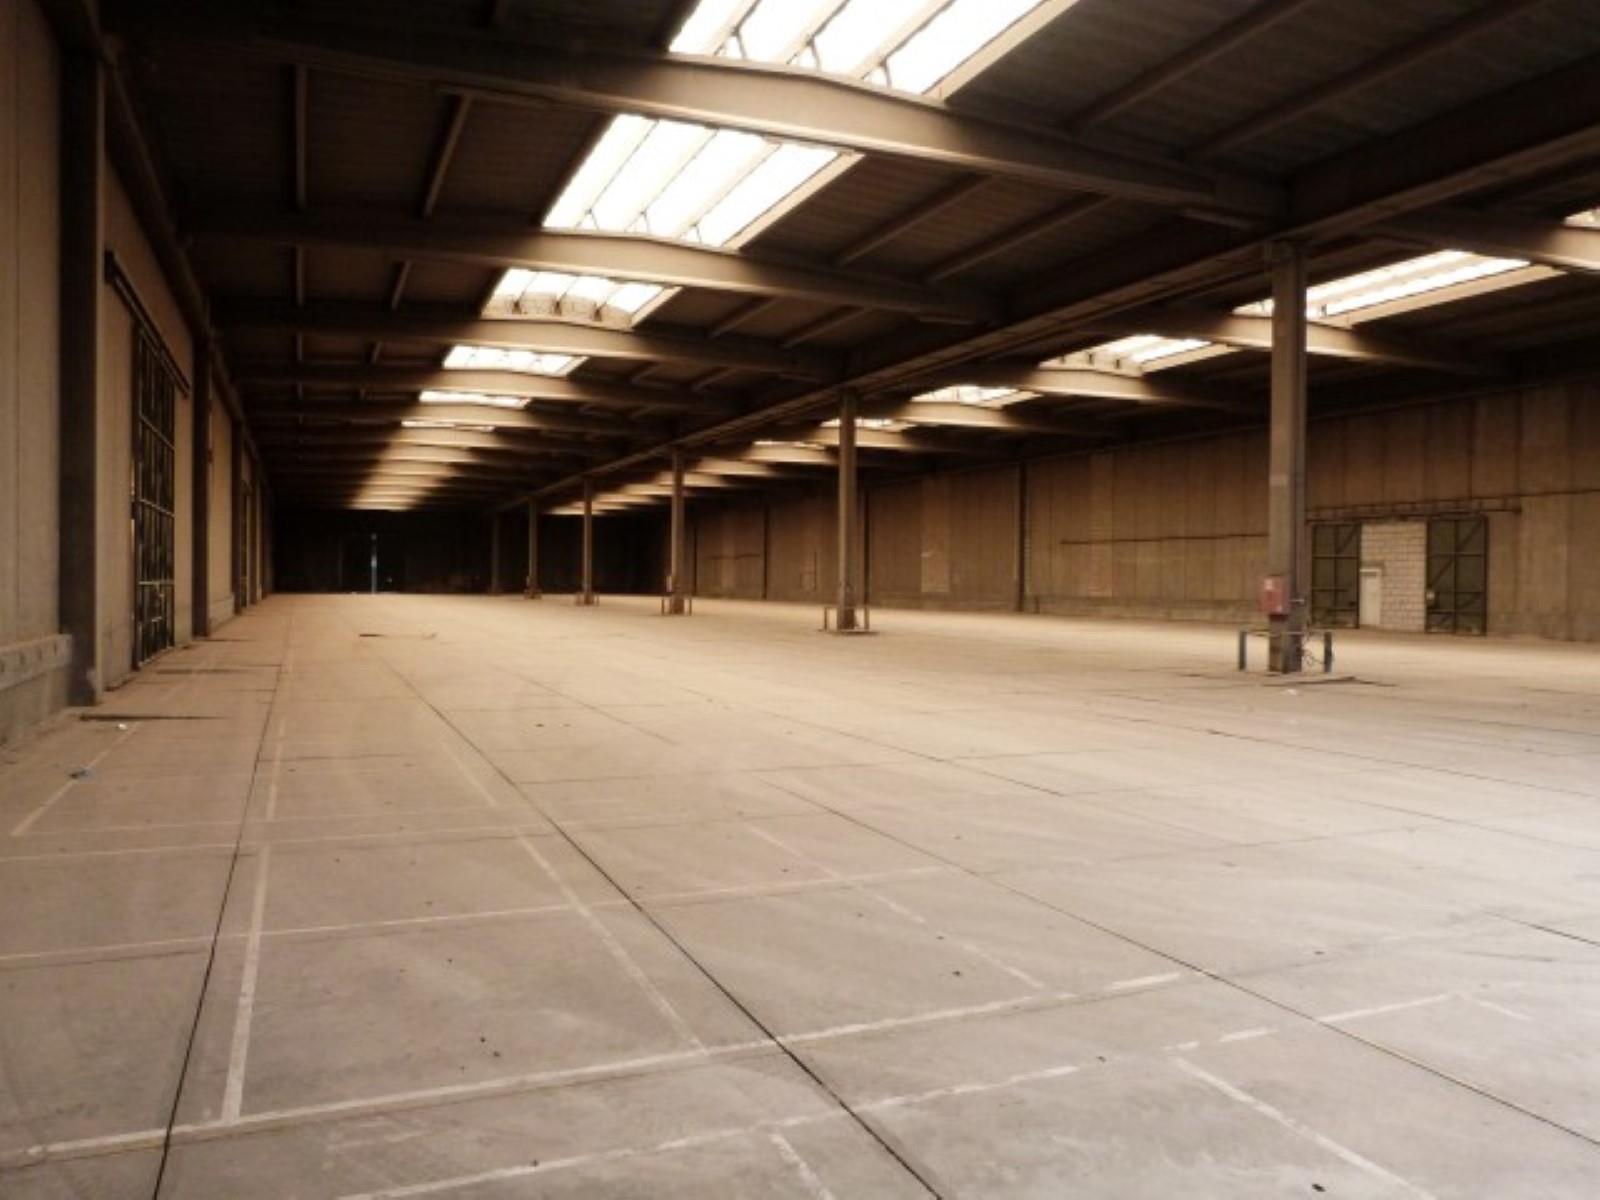 opslagplaats te huur Buitenterrein in de haven Antwerpen - Rostockweg 1, 2030, België 3